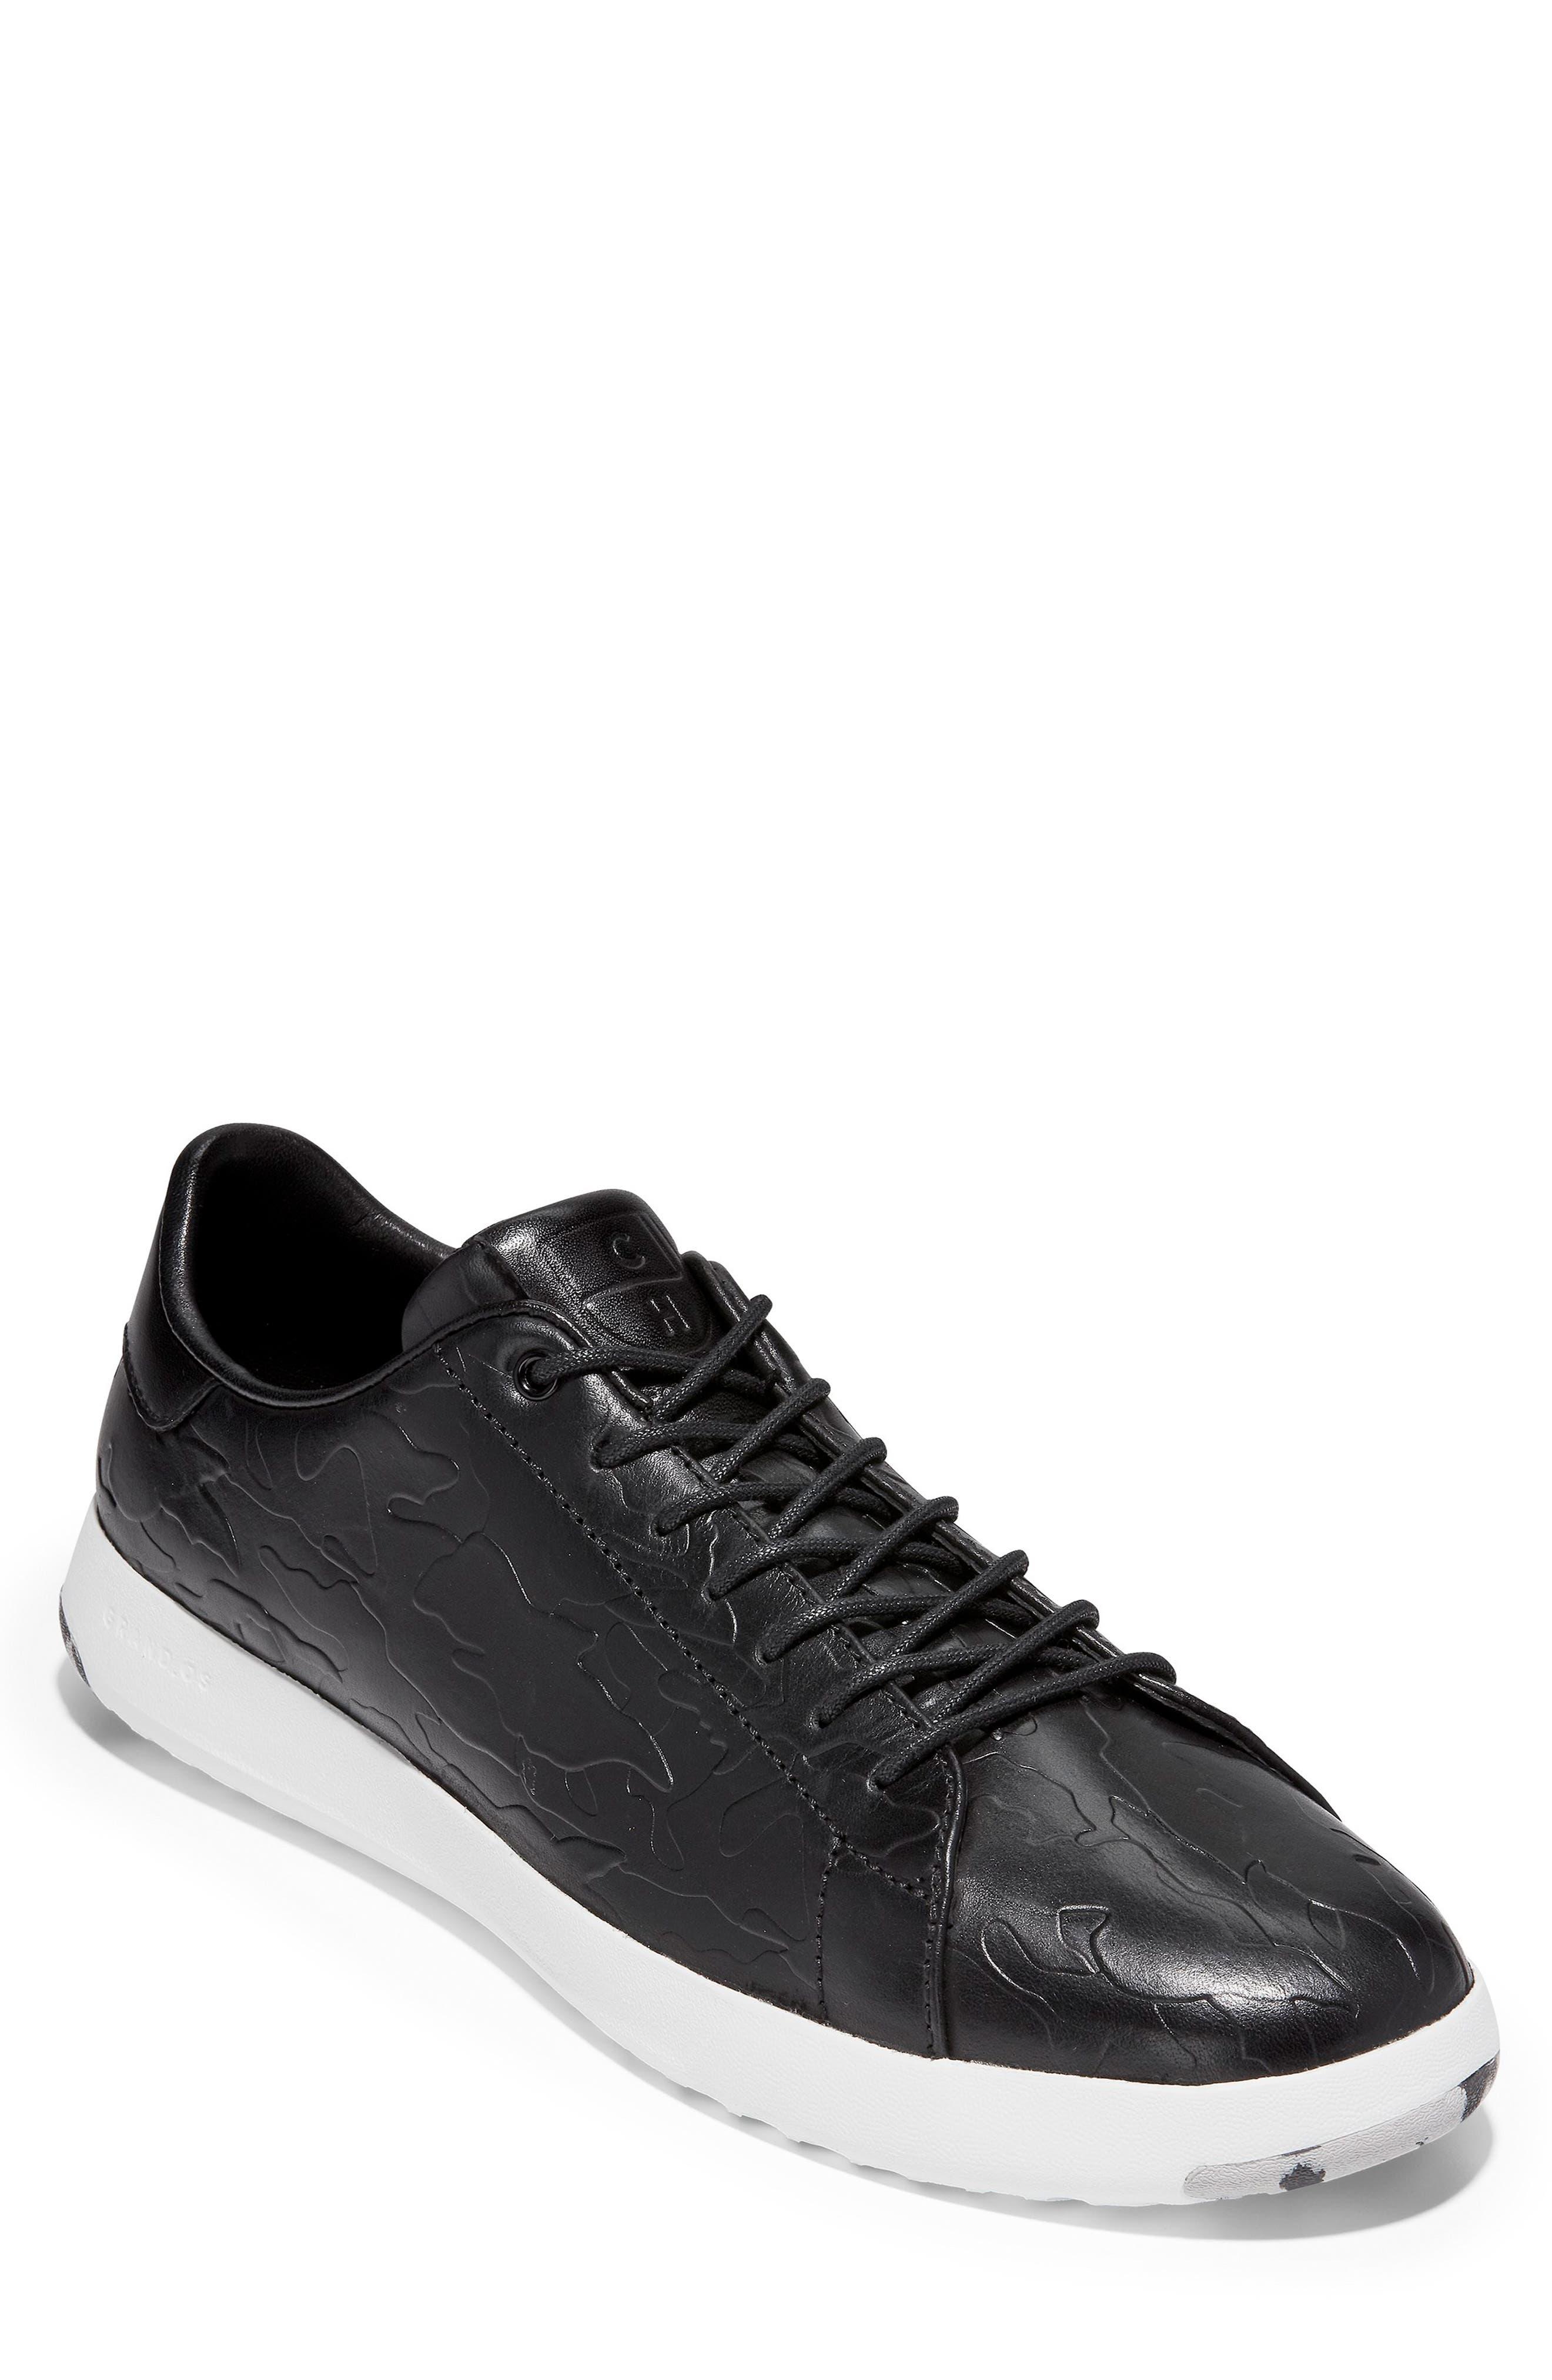 GrandPro Tennis Sneaker,                         Main,                         color, BLACK/ CAMO LEATHER